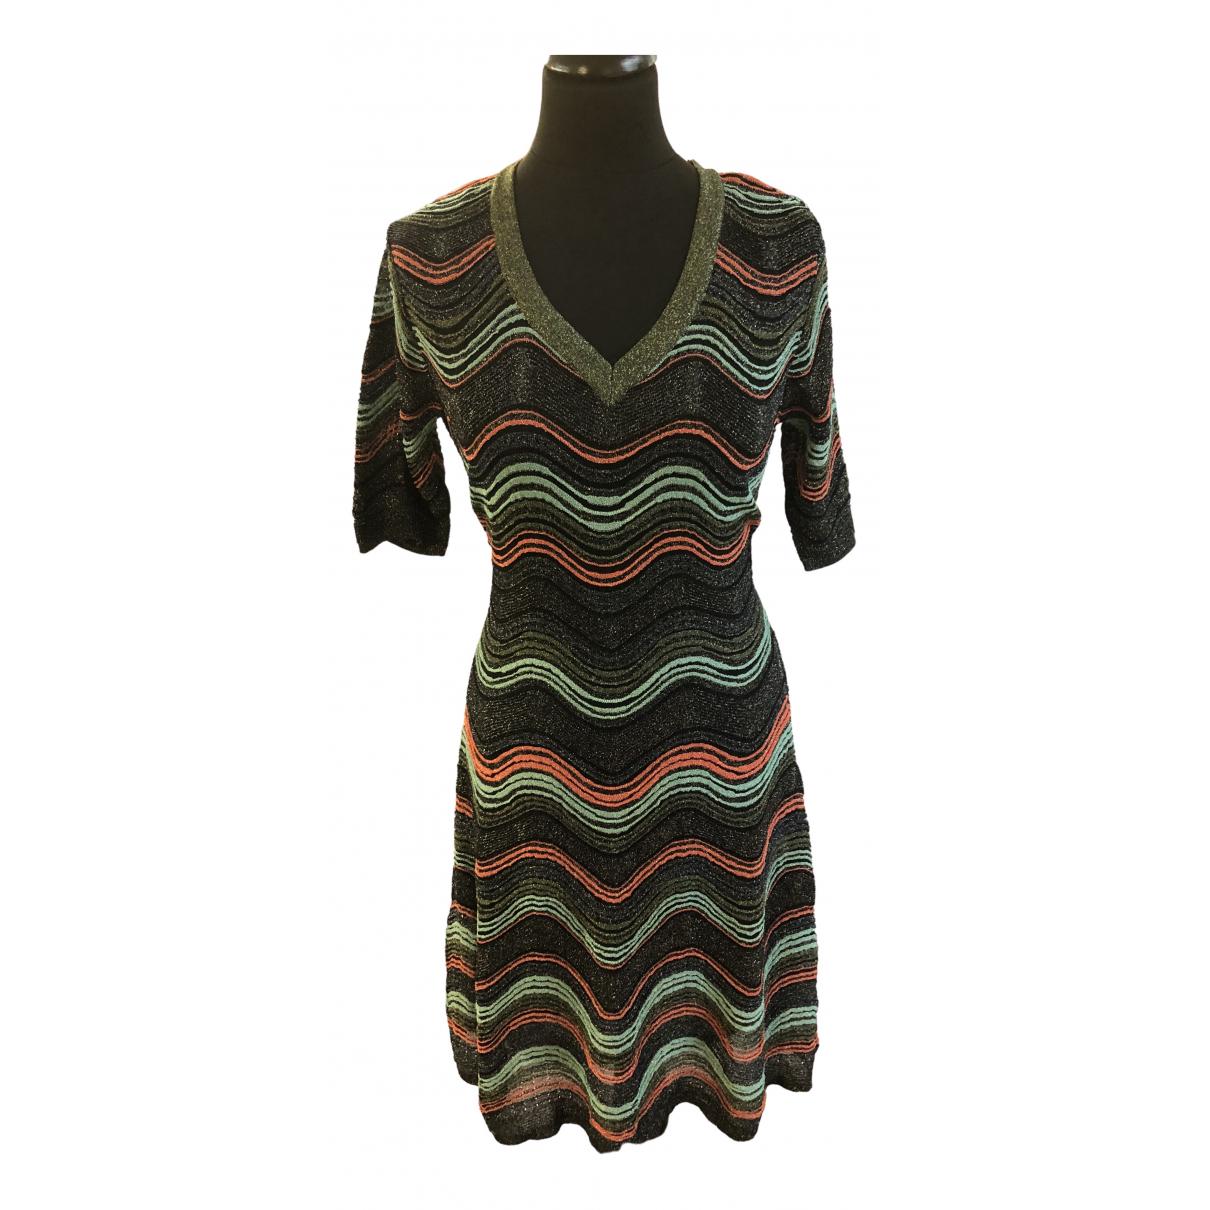 M Missoni \N Multicolour Cotton dress for Women 44 IT